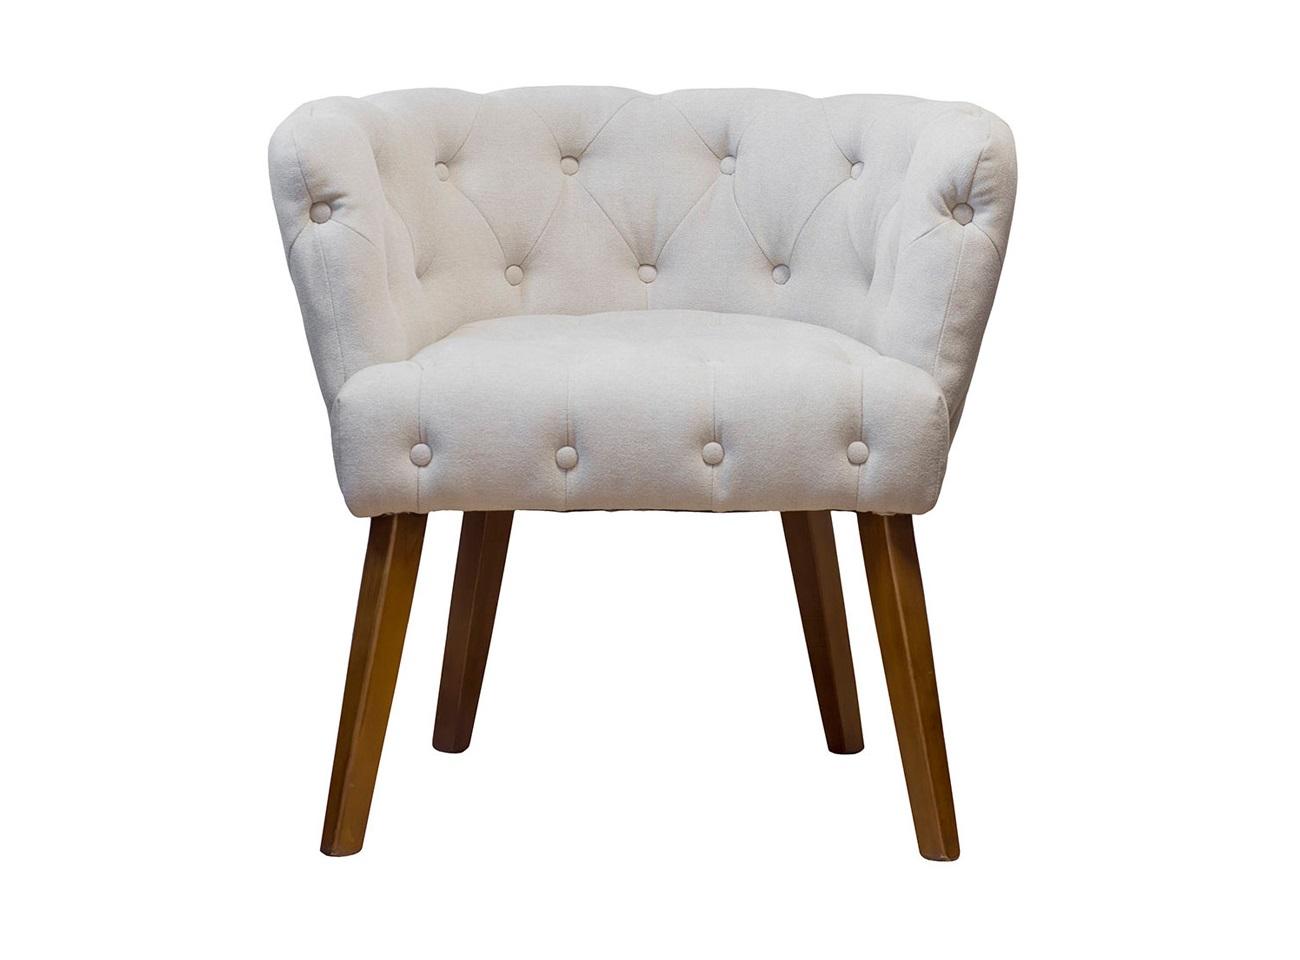 КреслоПолукресла<br>&amp;lt;div&amp;gt;Кресло светло-бежевого цвета – пример гармоничного сочетания прямых деревянных ножек, присущих современным стилям, и классической каретной стяжки. Эта модель способна интегрироваться в любой интерьер. Она будет особенно уместна в эклектичном пространстве. Прочный деревянный каркас и износостойкий велюр обеспечивают длительный срок эксплуатации. Простой уход сохранит эстетичный внешний вид данного предмета интерьера на протяжении многих лет. Благодаря продуманному дизайну и качественному наполнителю, стильное мягкое бежевое кресло подарит абсолютный комфорт использования. Оцените качество изготовления и конструктивные особенности модели при помощи фото.&amp;lt;br&amp;gt;&amp;lt;/div&amp;gt;<br><br>Material: Велюр<br>Length см: None<br>Width см: 74<br>Depth см: 64<br>Height см: 75<br>Diameter см: None